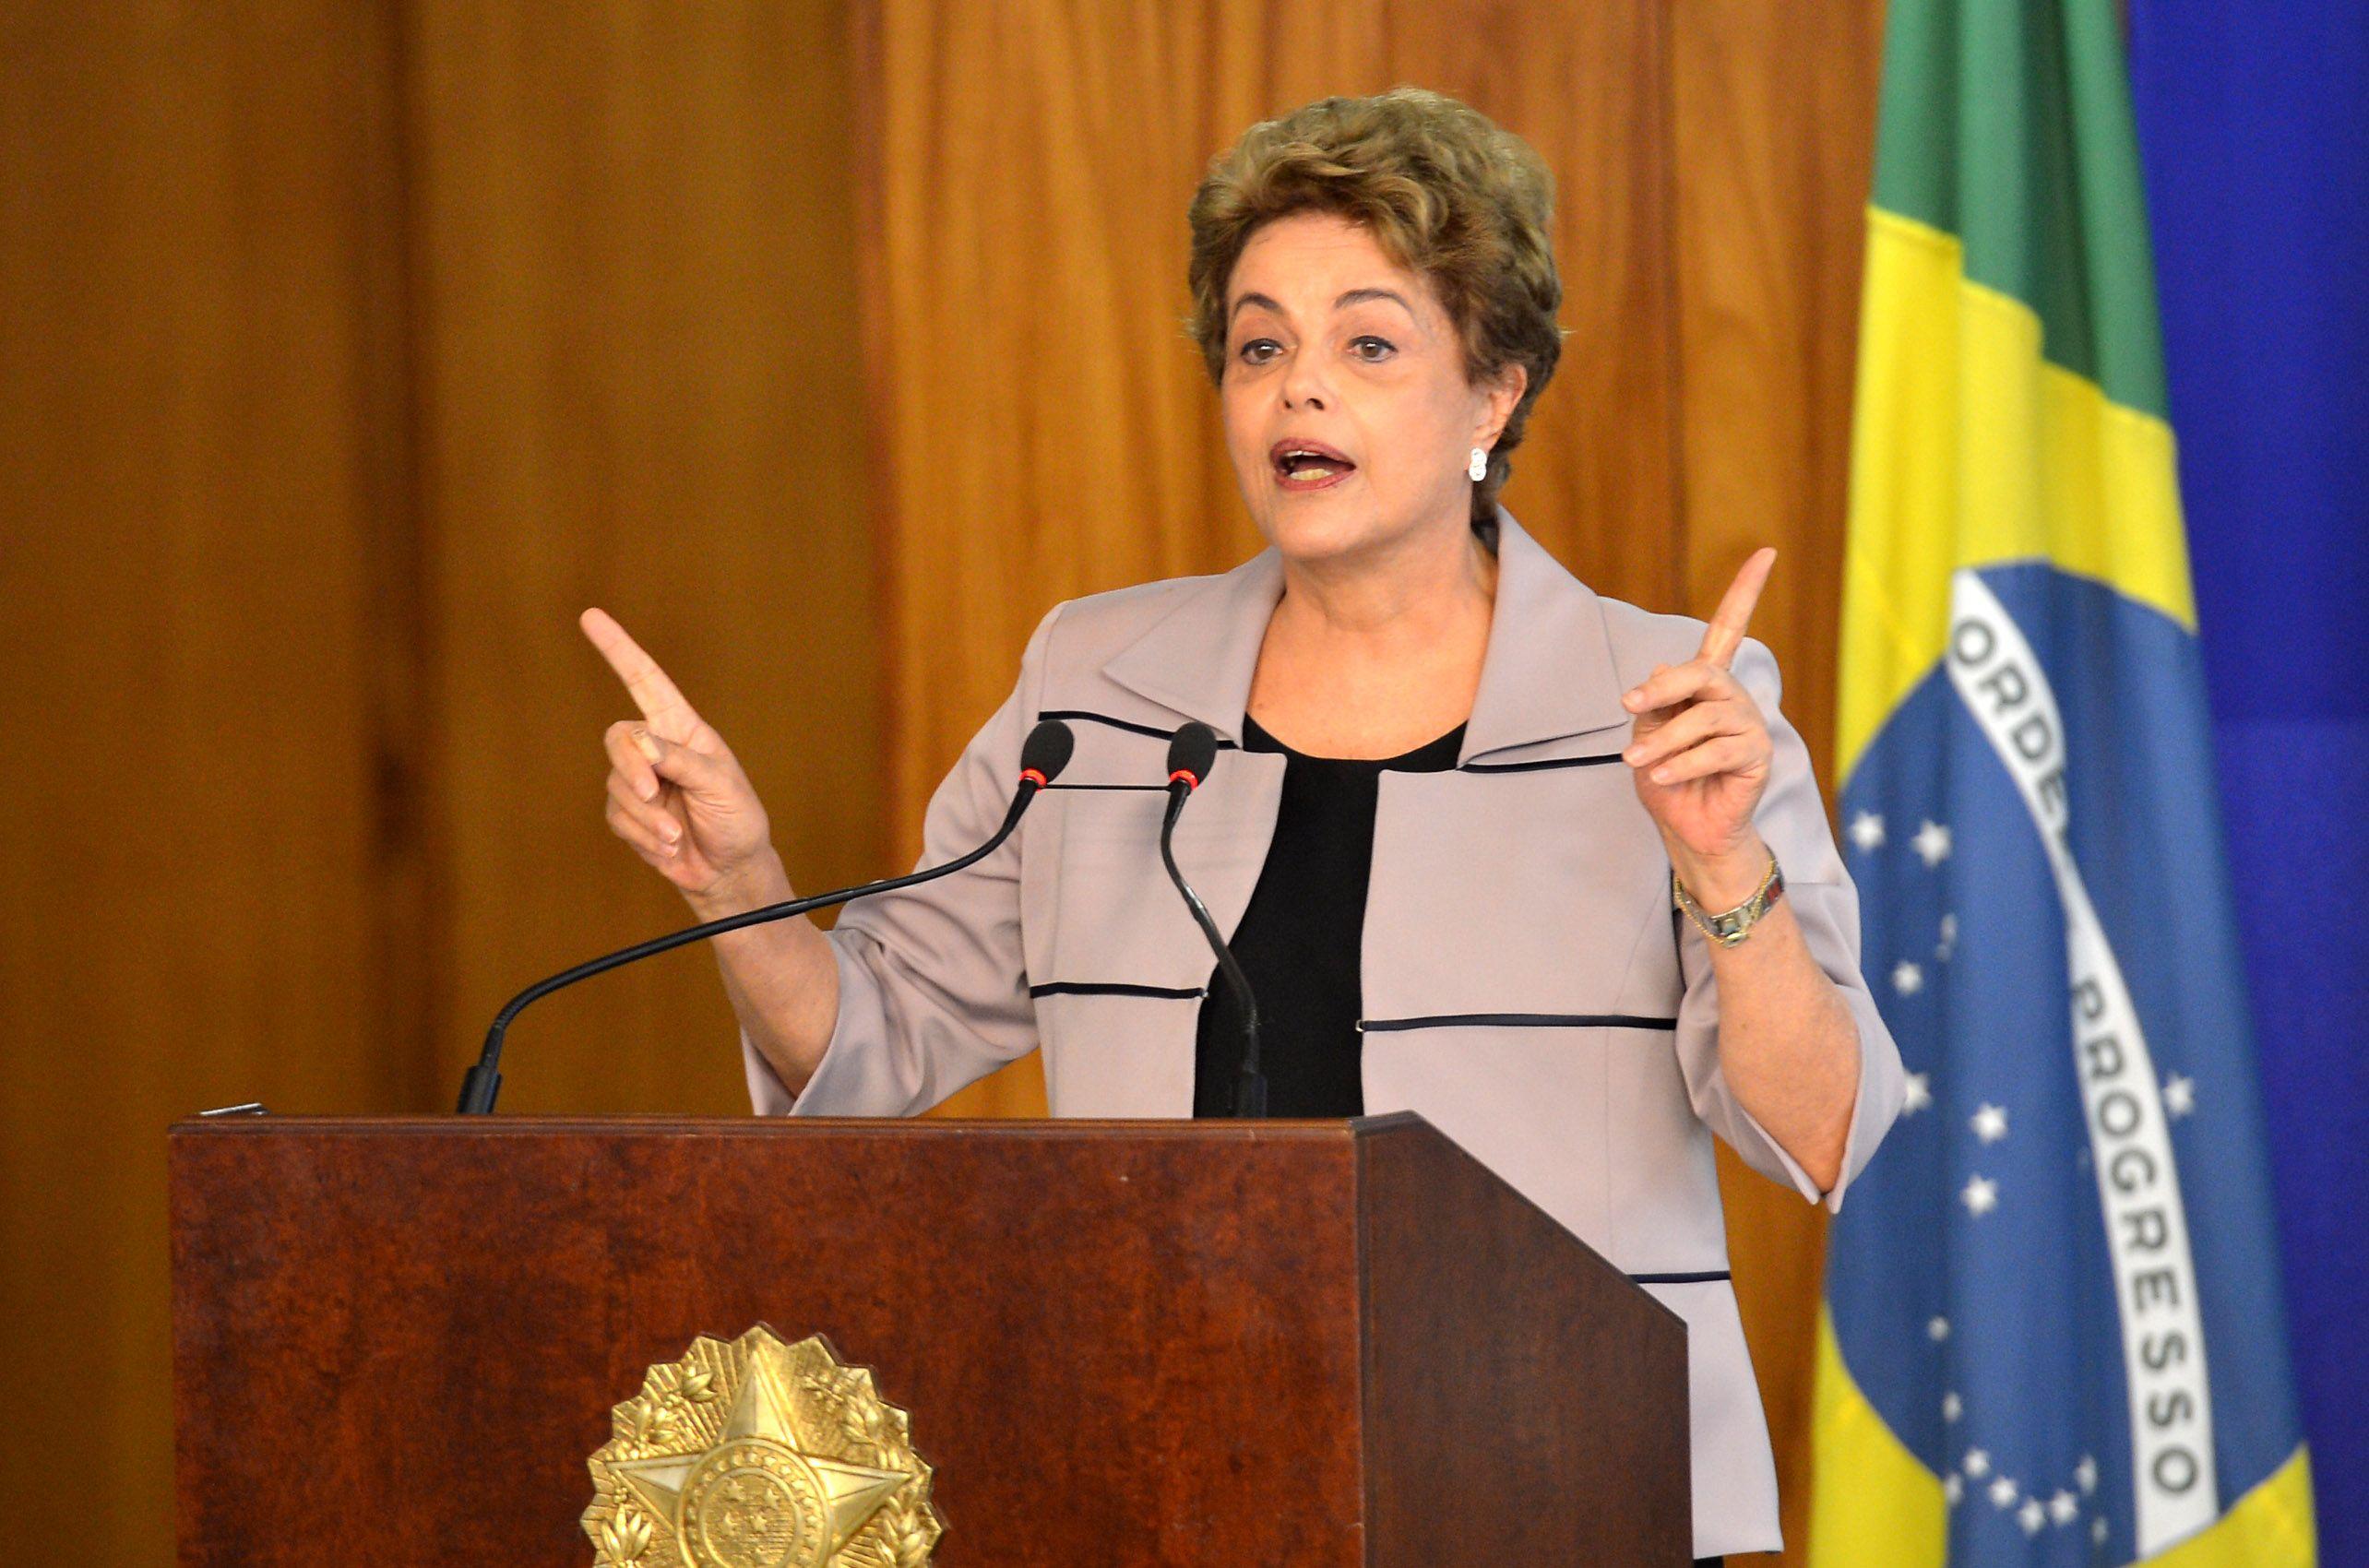 Gravações de Jucá serão anexadas à defesa de Dilma do impeachment no Senado